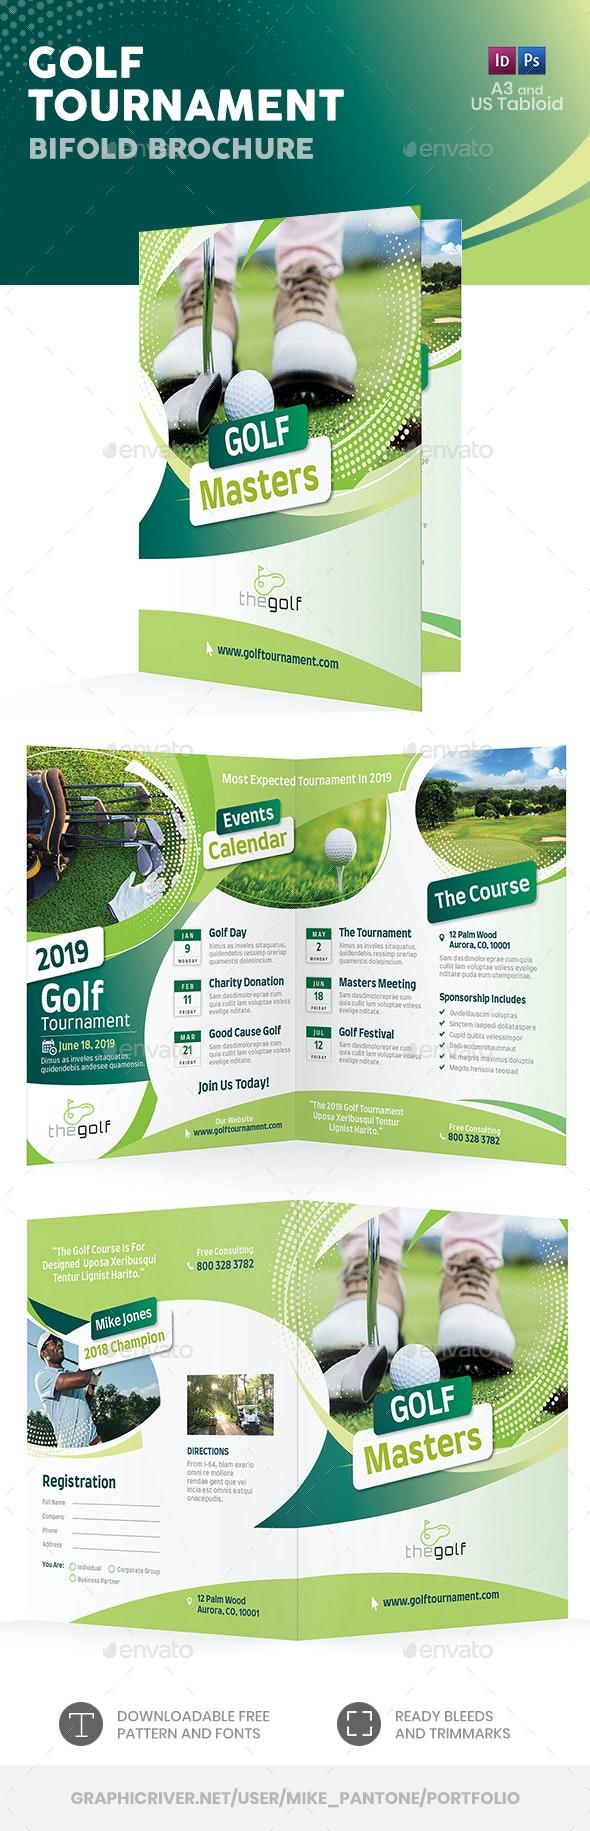 Golf Tournament 2019 Bifold / Halffold Brochure - Informational Brochures